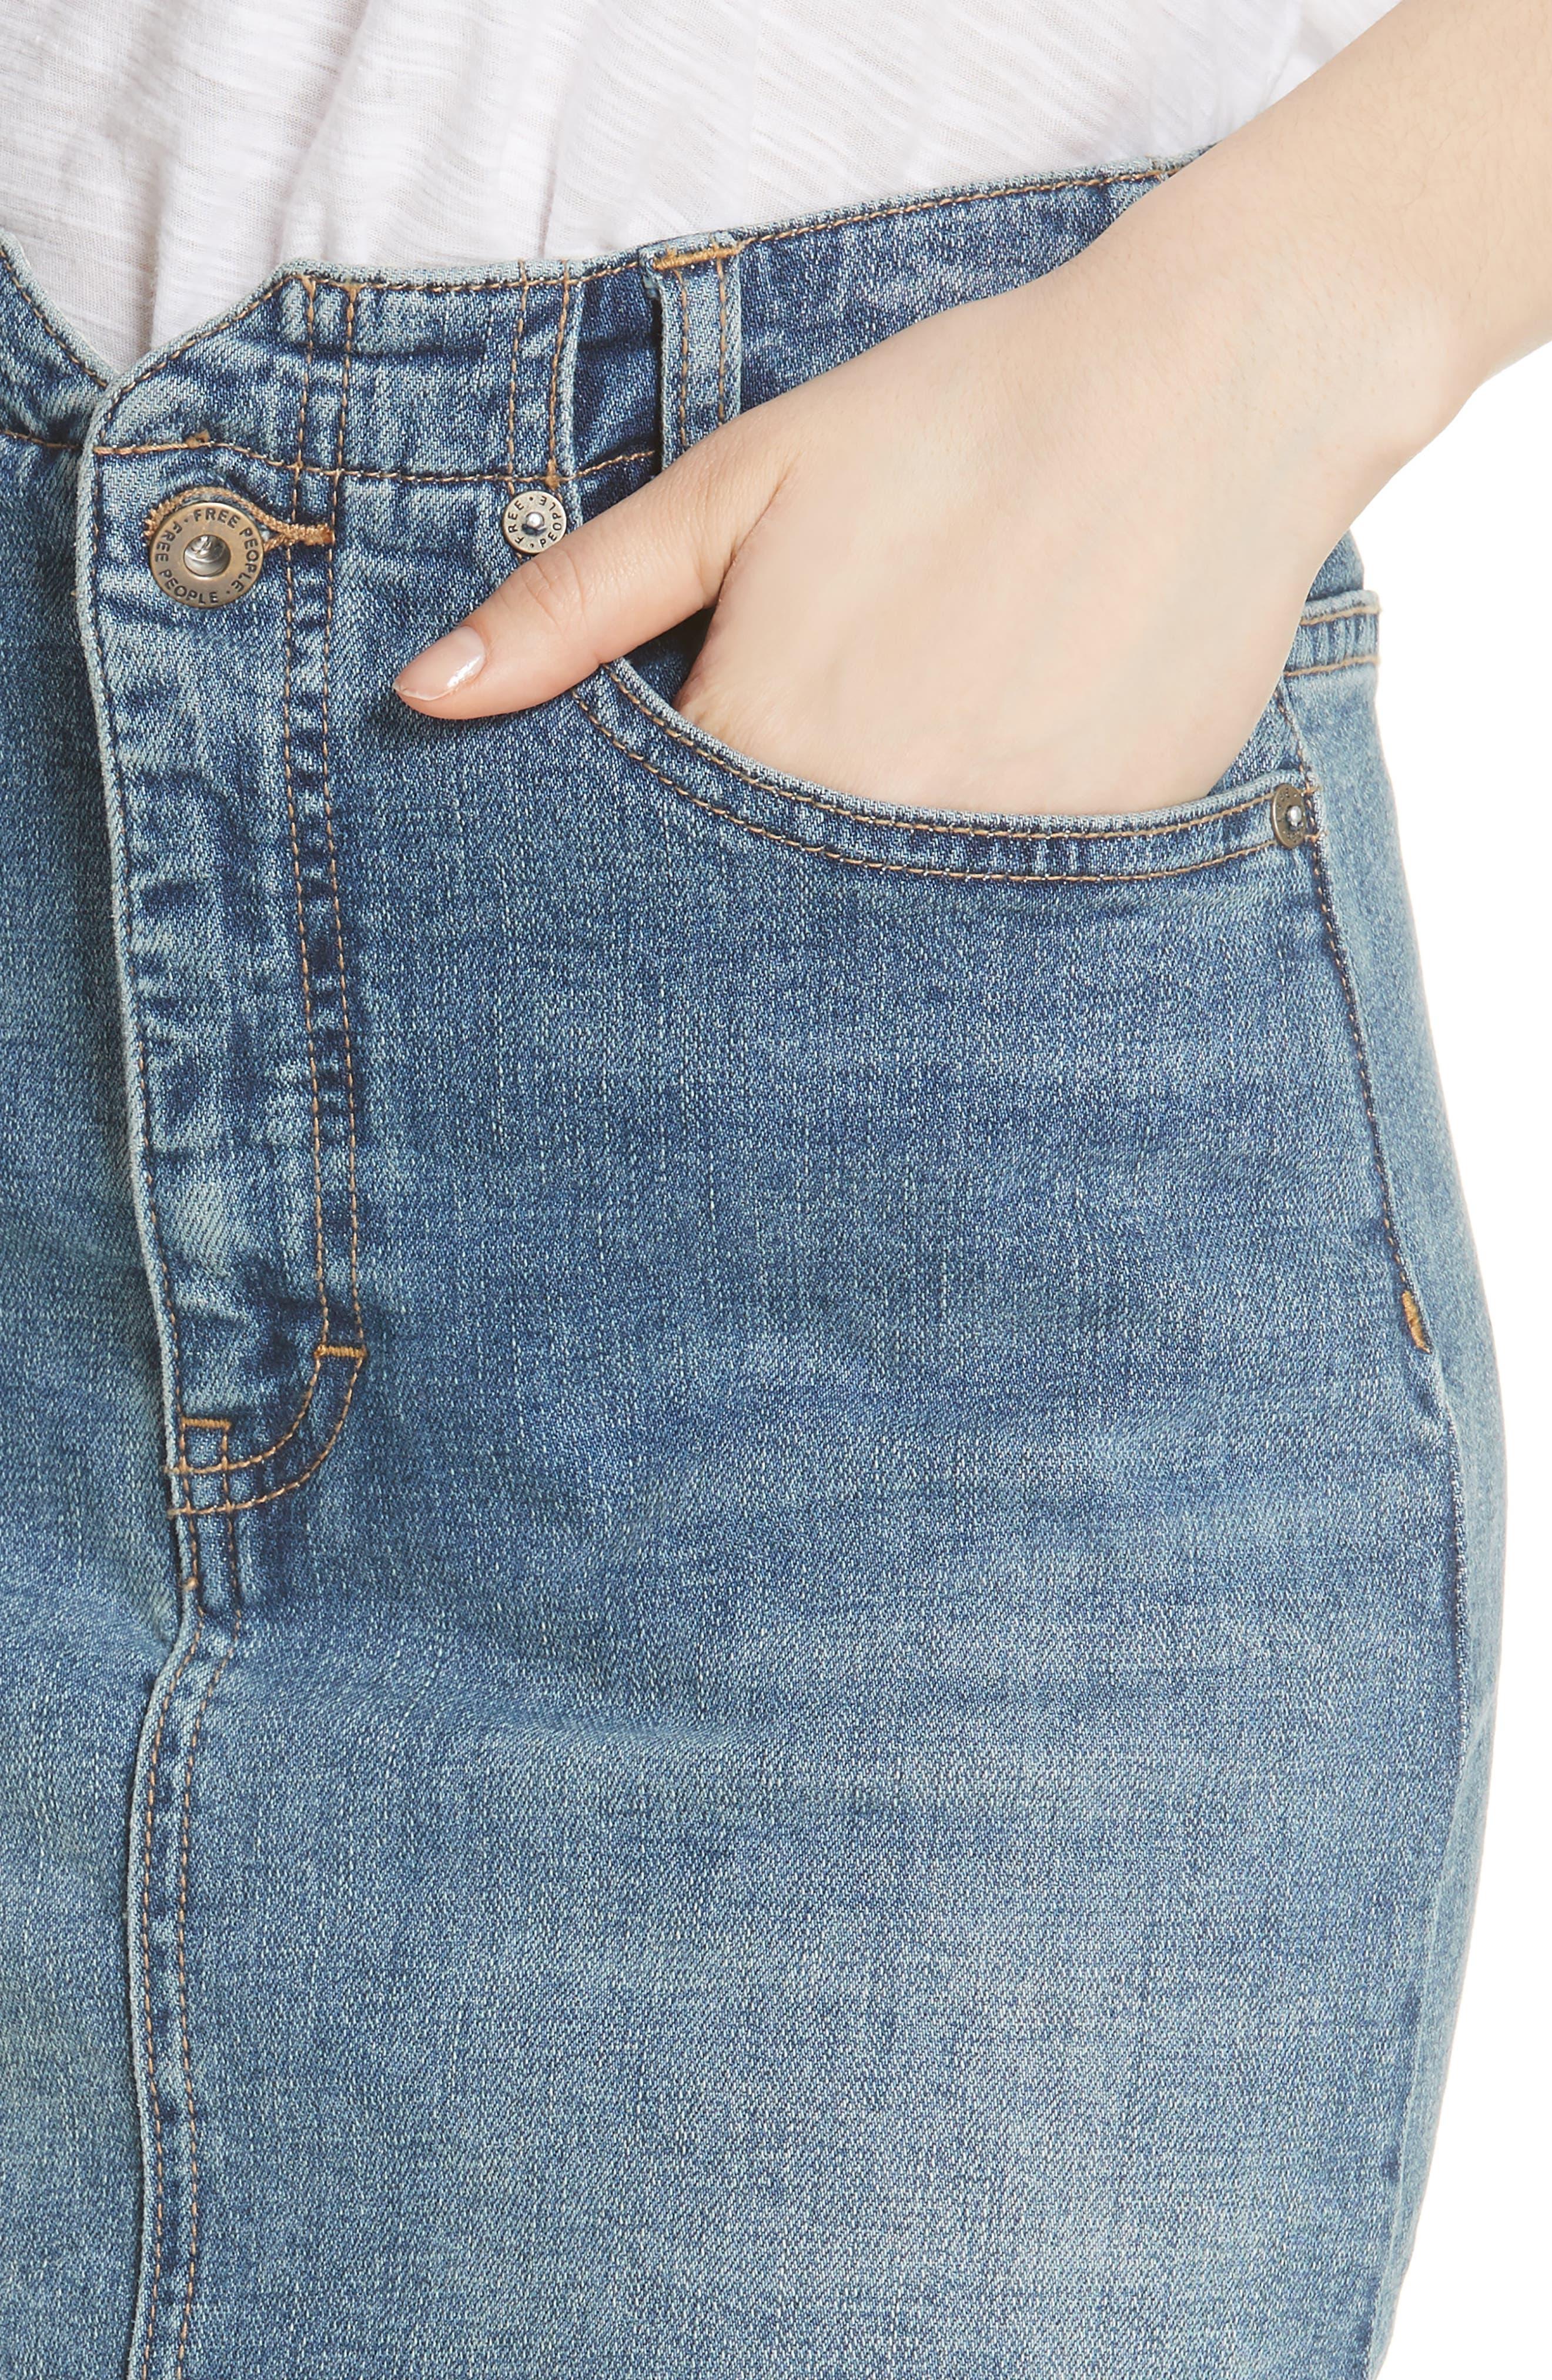 She's All That Denim Miniskirt,                             Alternate thumbnail 4, color,                             Denim Blue